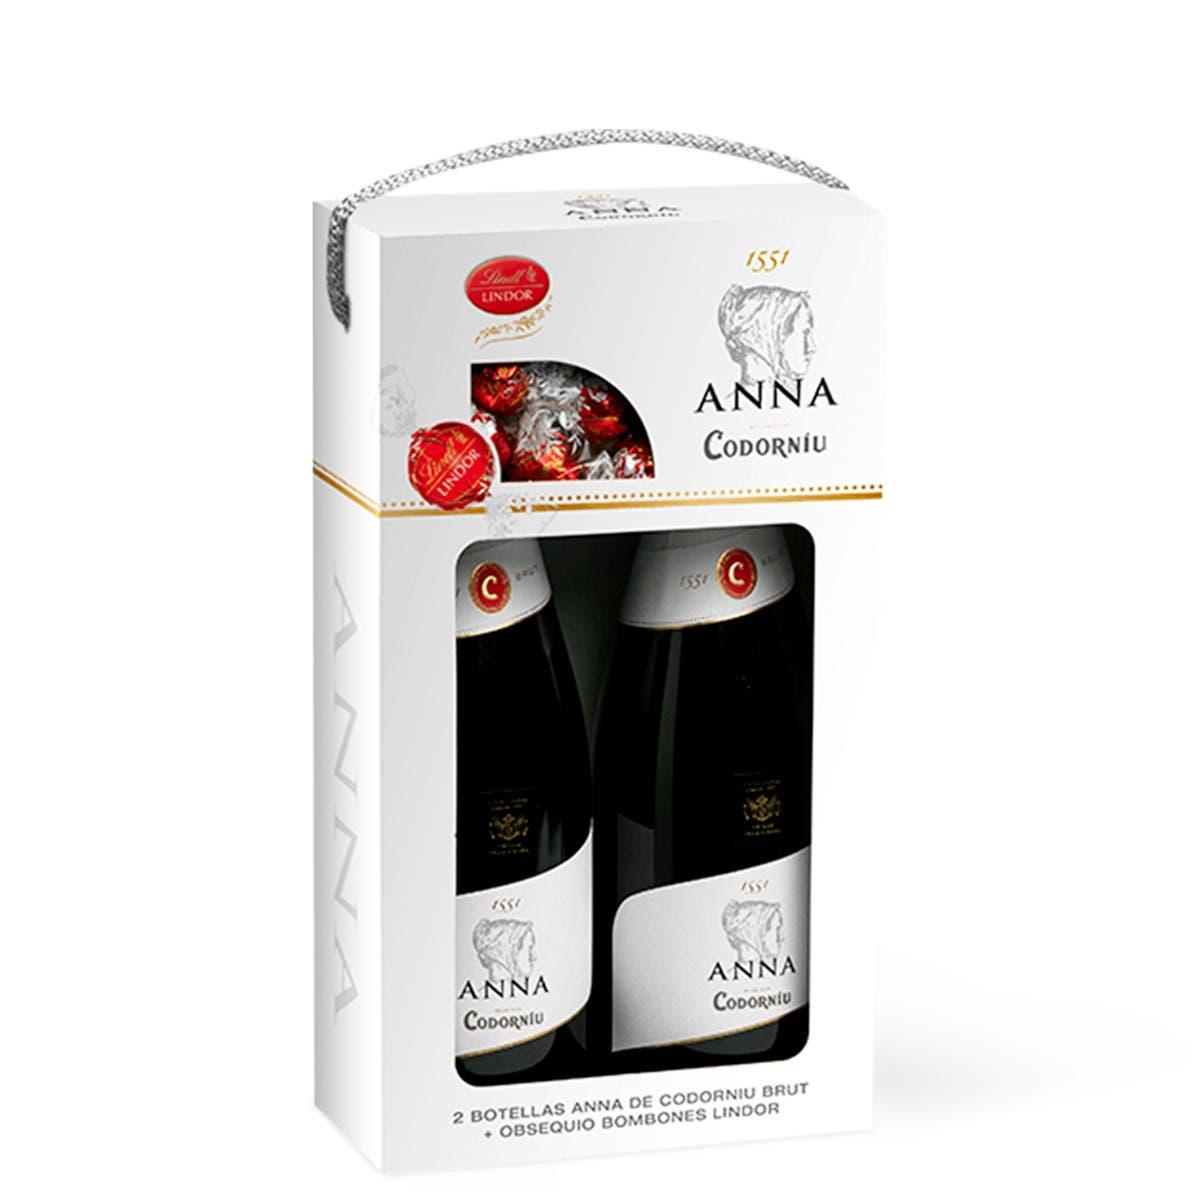 Estuche 2 Anna Brut + 1 caja de bombones Lindor